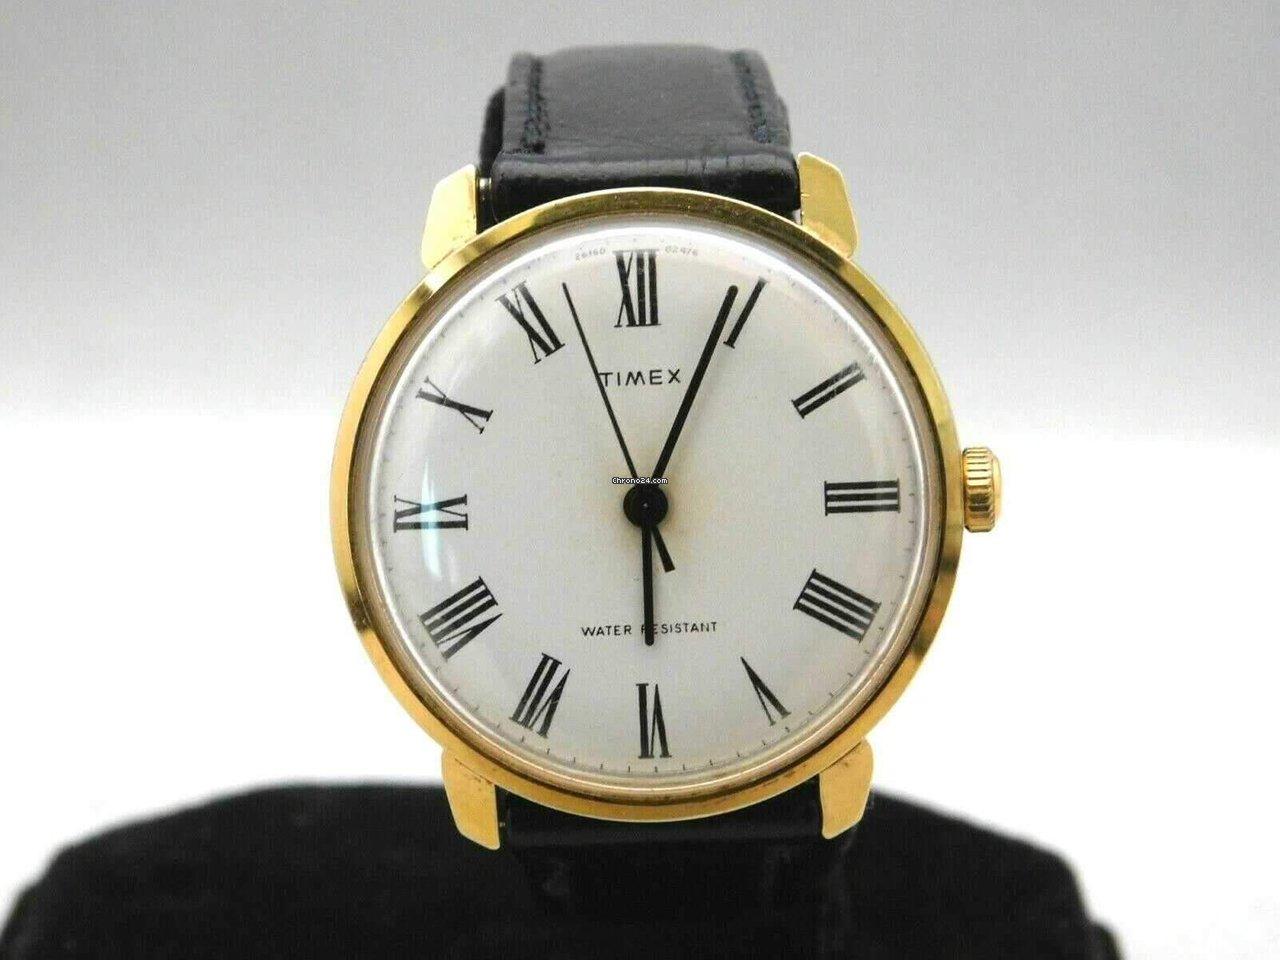 291463ef37b2 Timex Marlin Vintage Roman Numeral Dial Sweep Second Hand Mens... en venta  por  229 por parte de un Trusted Seller de Chrono24